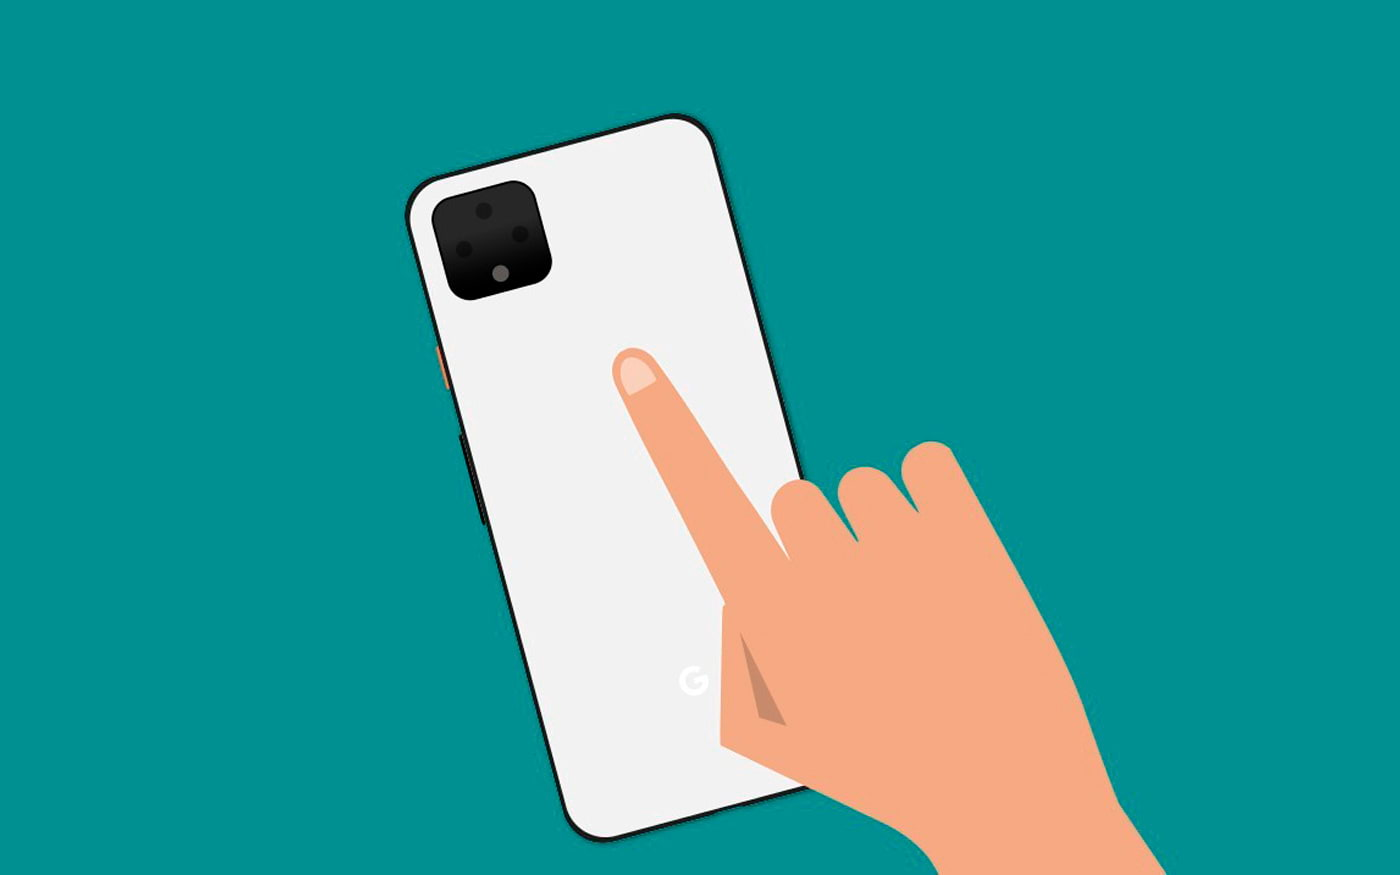 Android 11: Gesto de toque duplo na parte de trás do celular pode ter várias funções